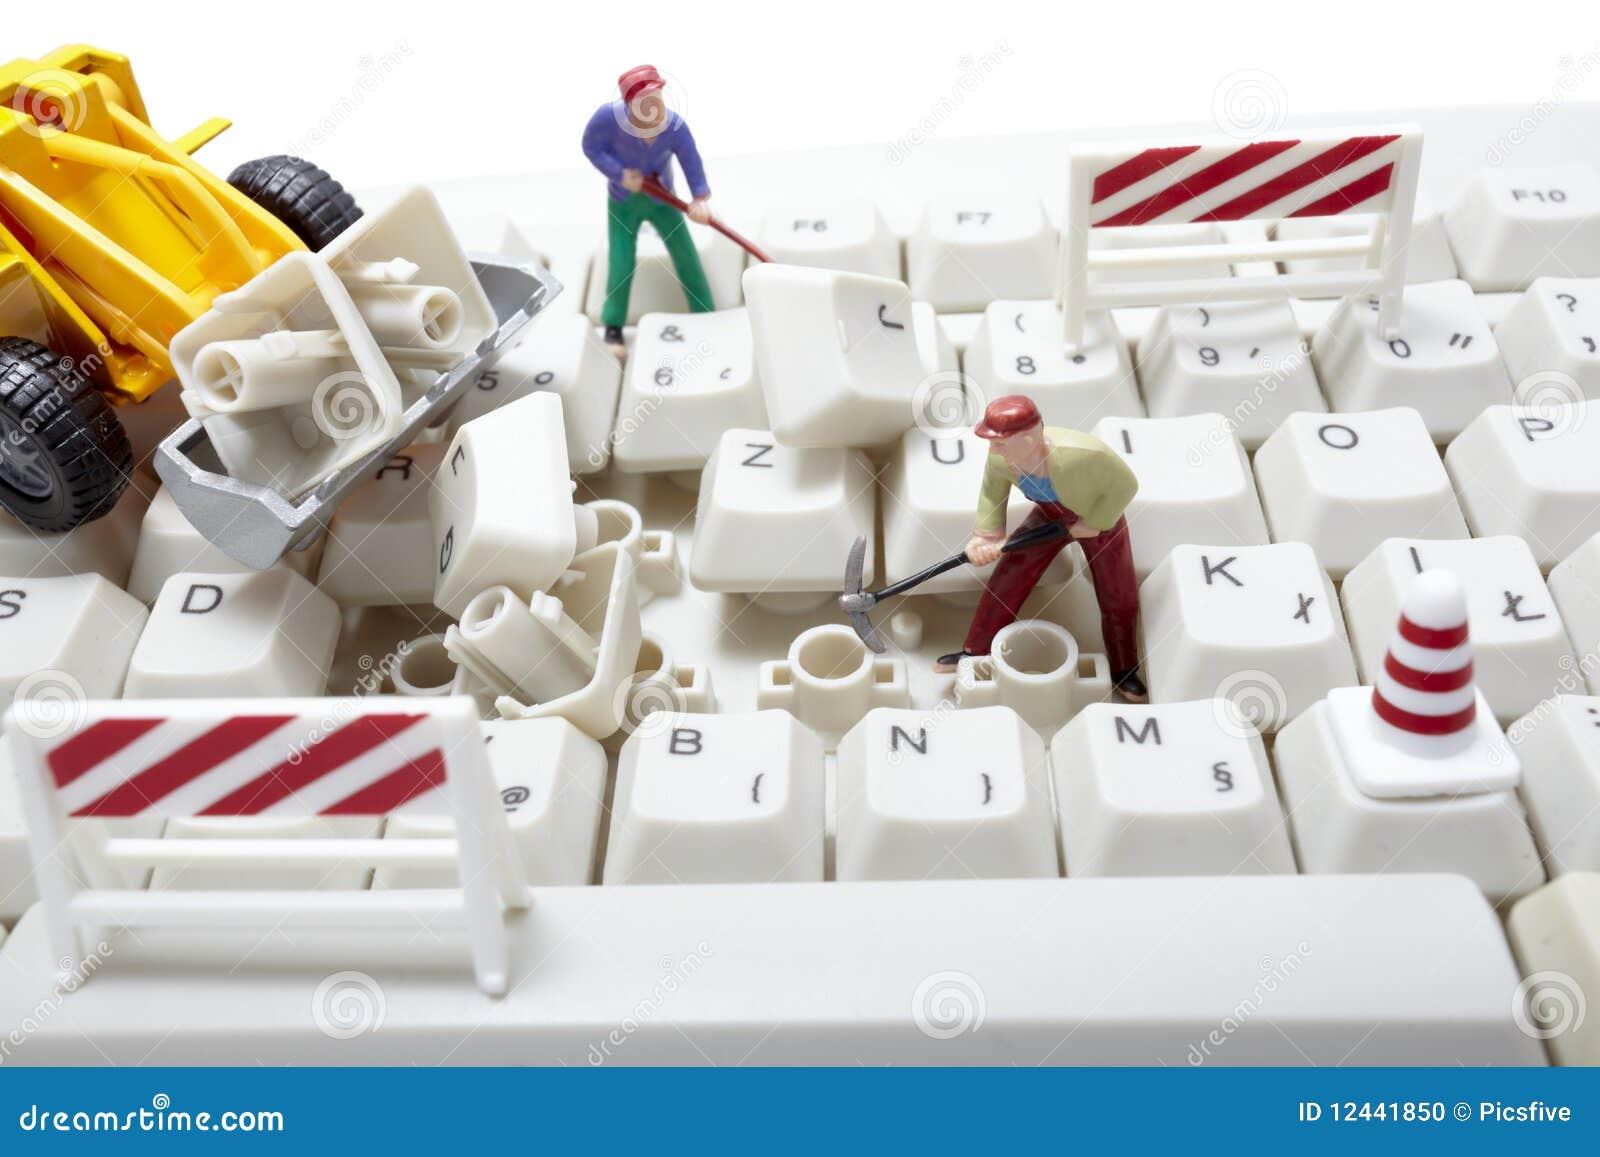 Trabajadores miniatura del juguete que reparan el teclado - Foto teclado ordenador ...